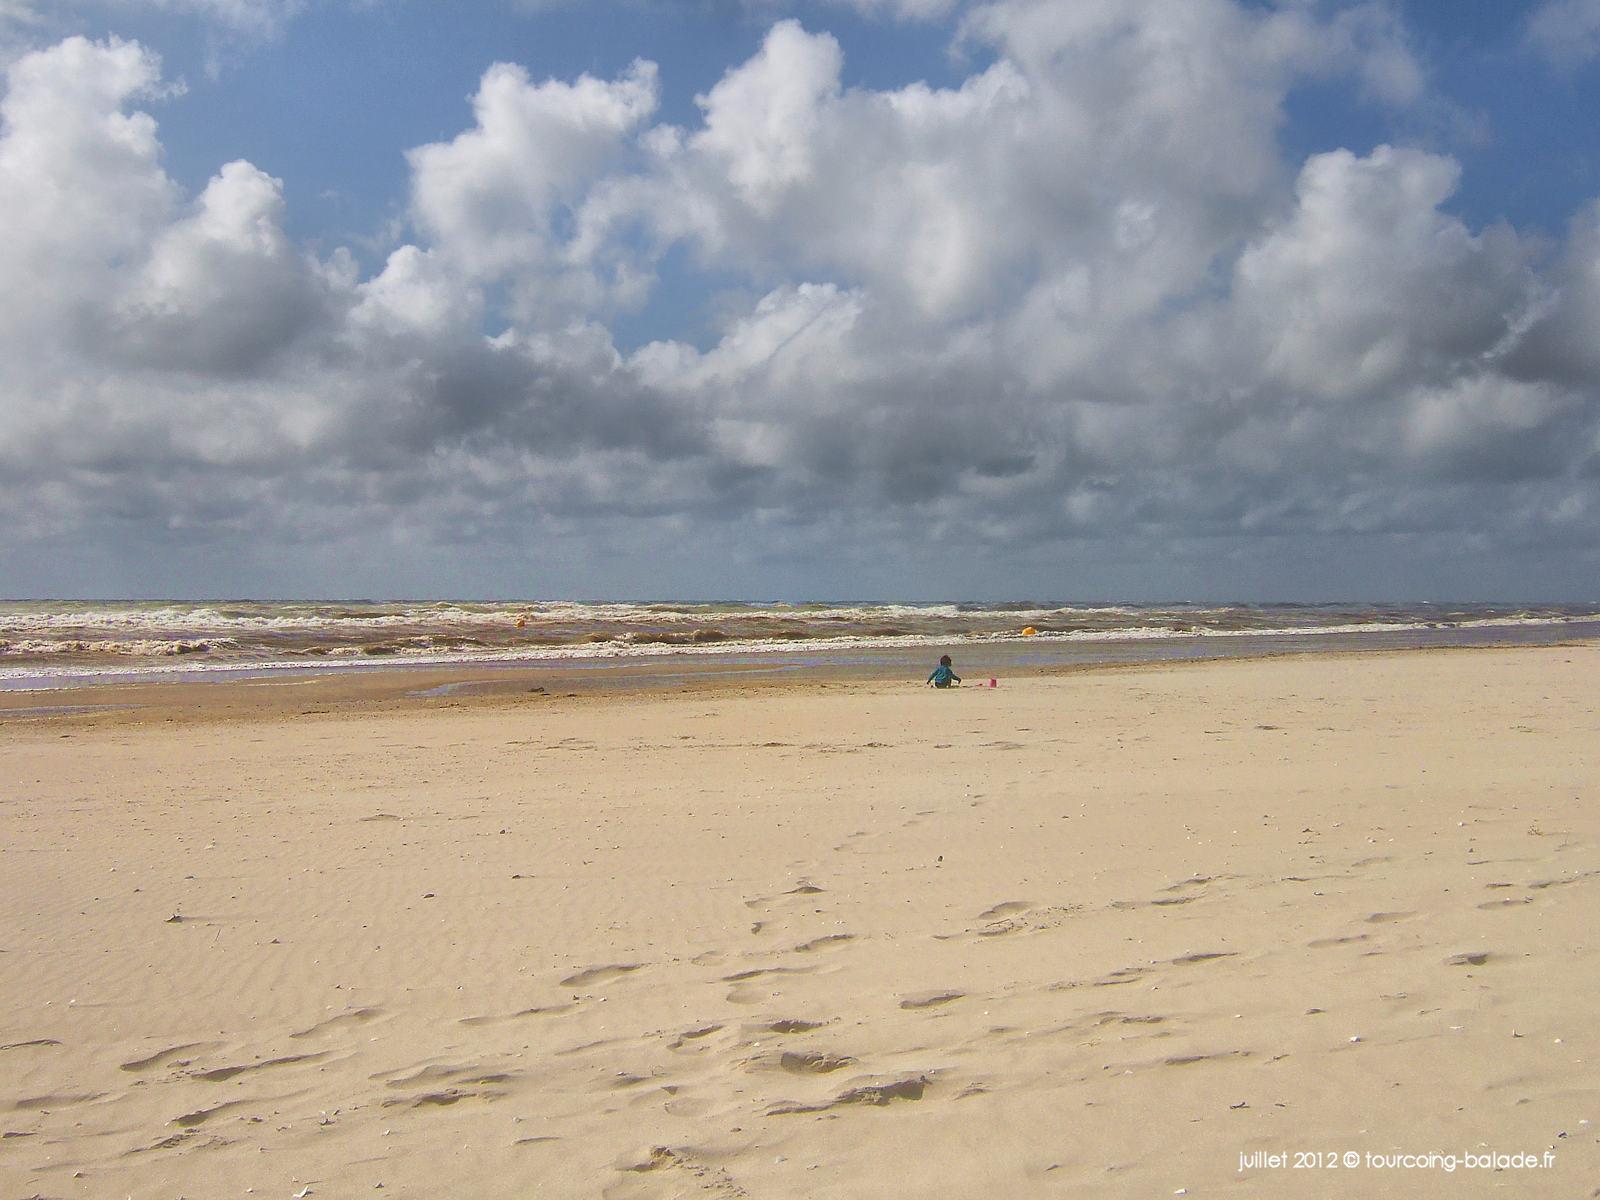 Plage de sable par gros temps - Le Crotoy